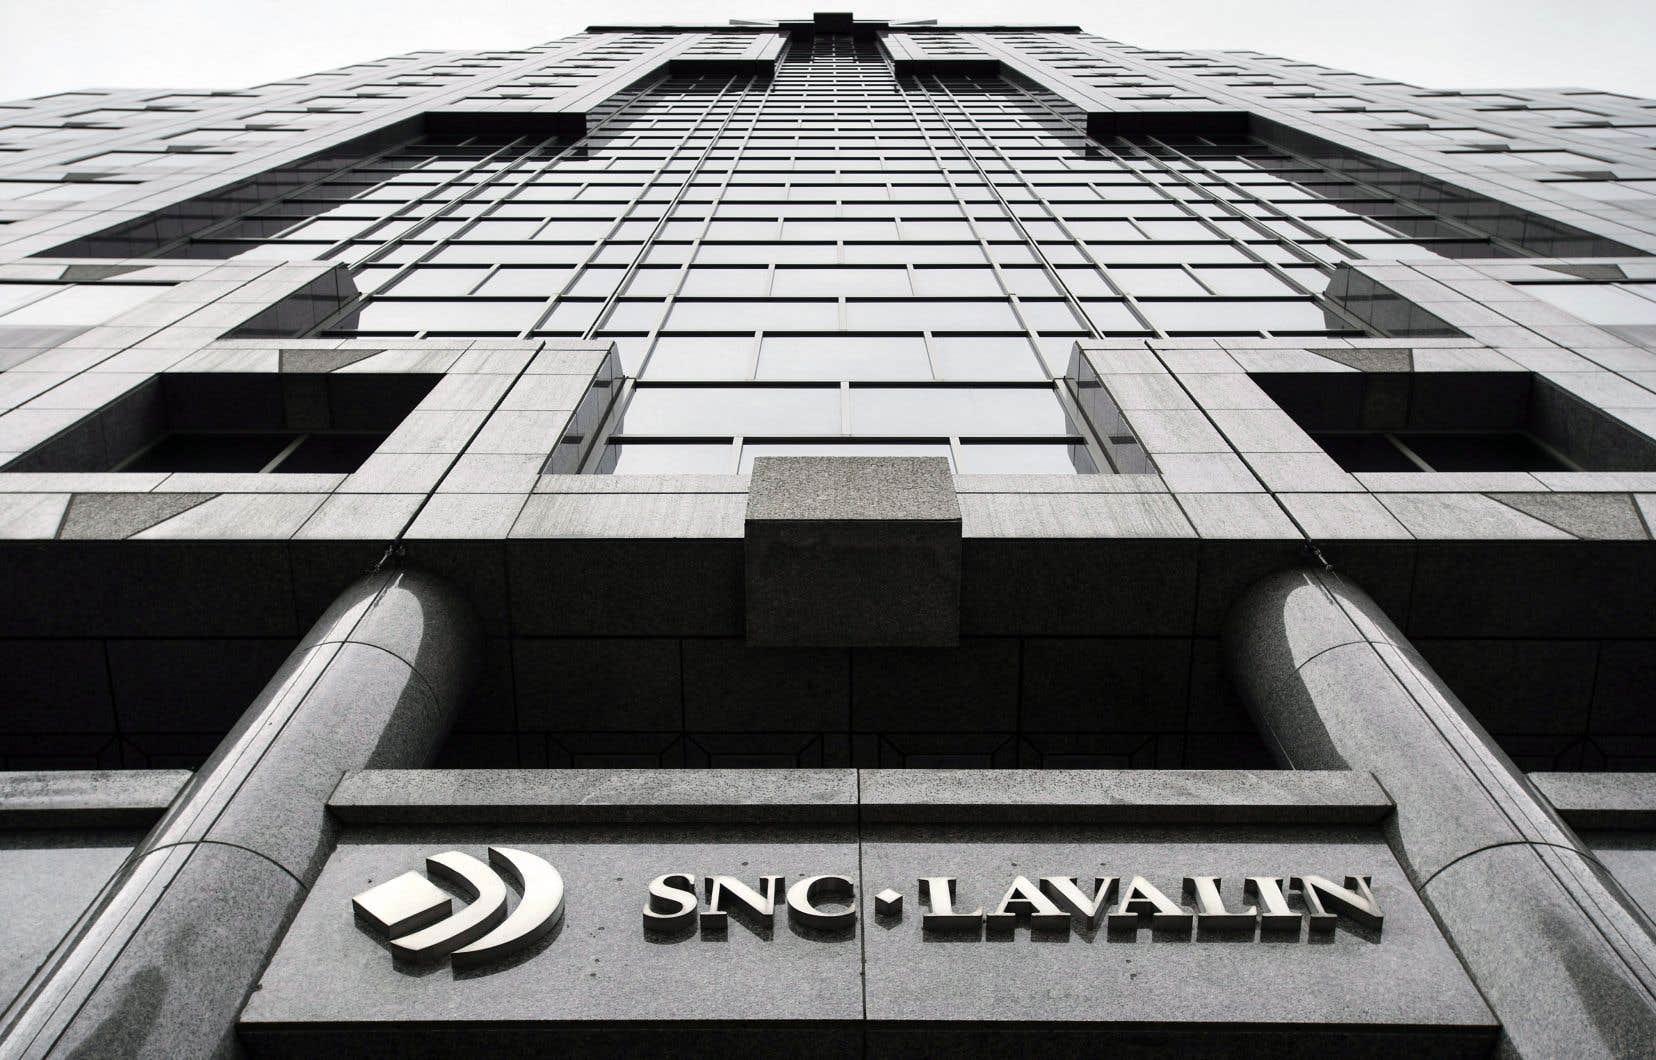 Partout, des entreprises «too big to jail» (TBTJ) comme SNC-Lavalin évitent les tribunaux en raison de leur poids économique et politique, remarque l'auteur.